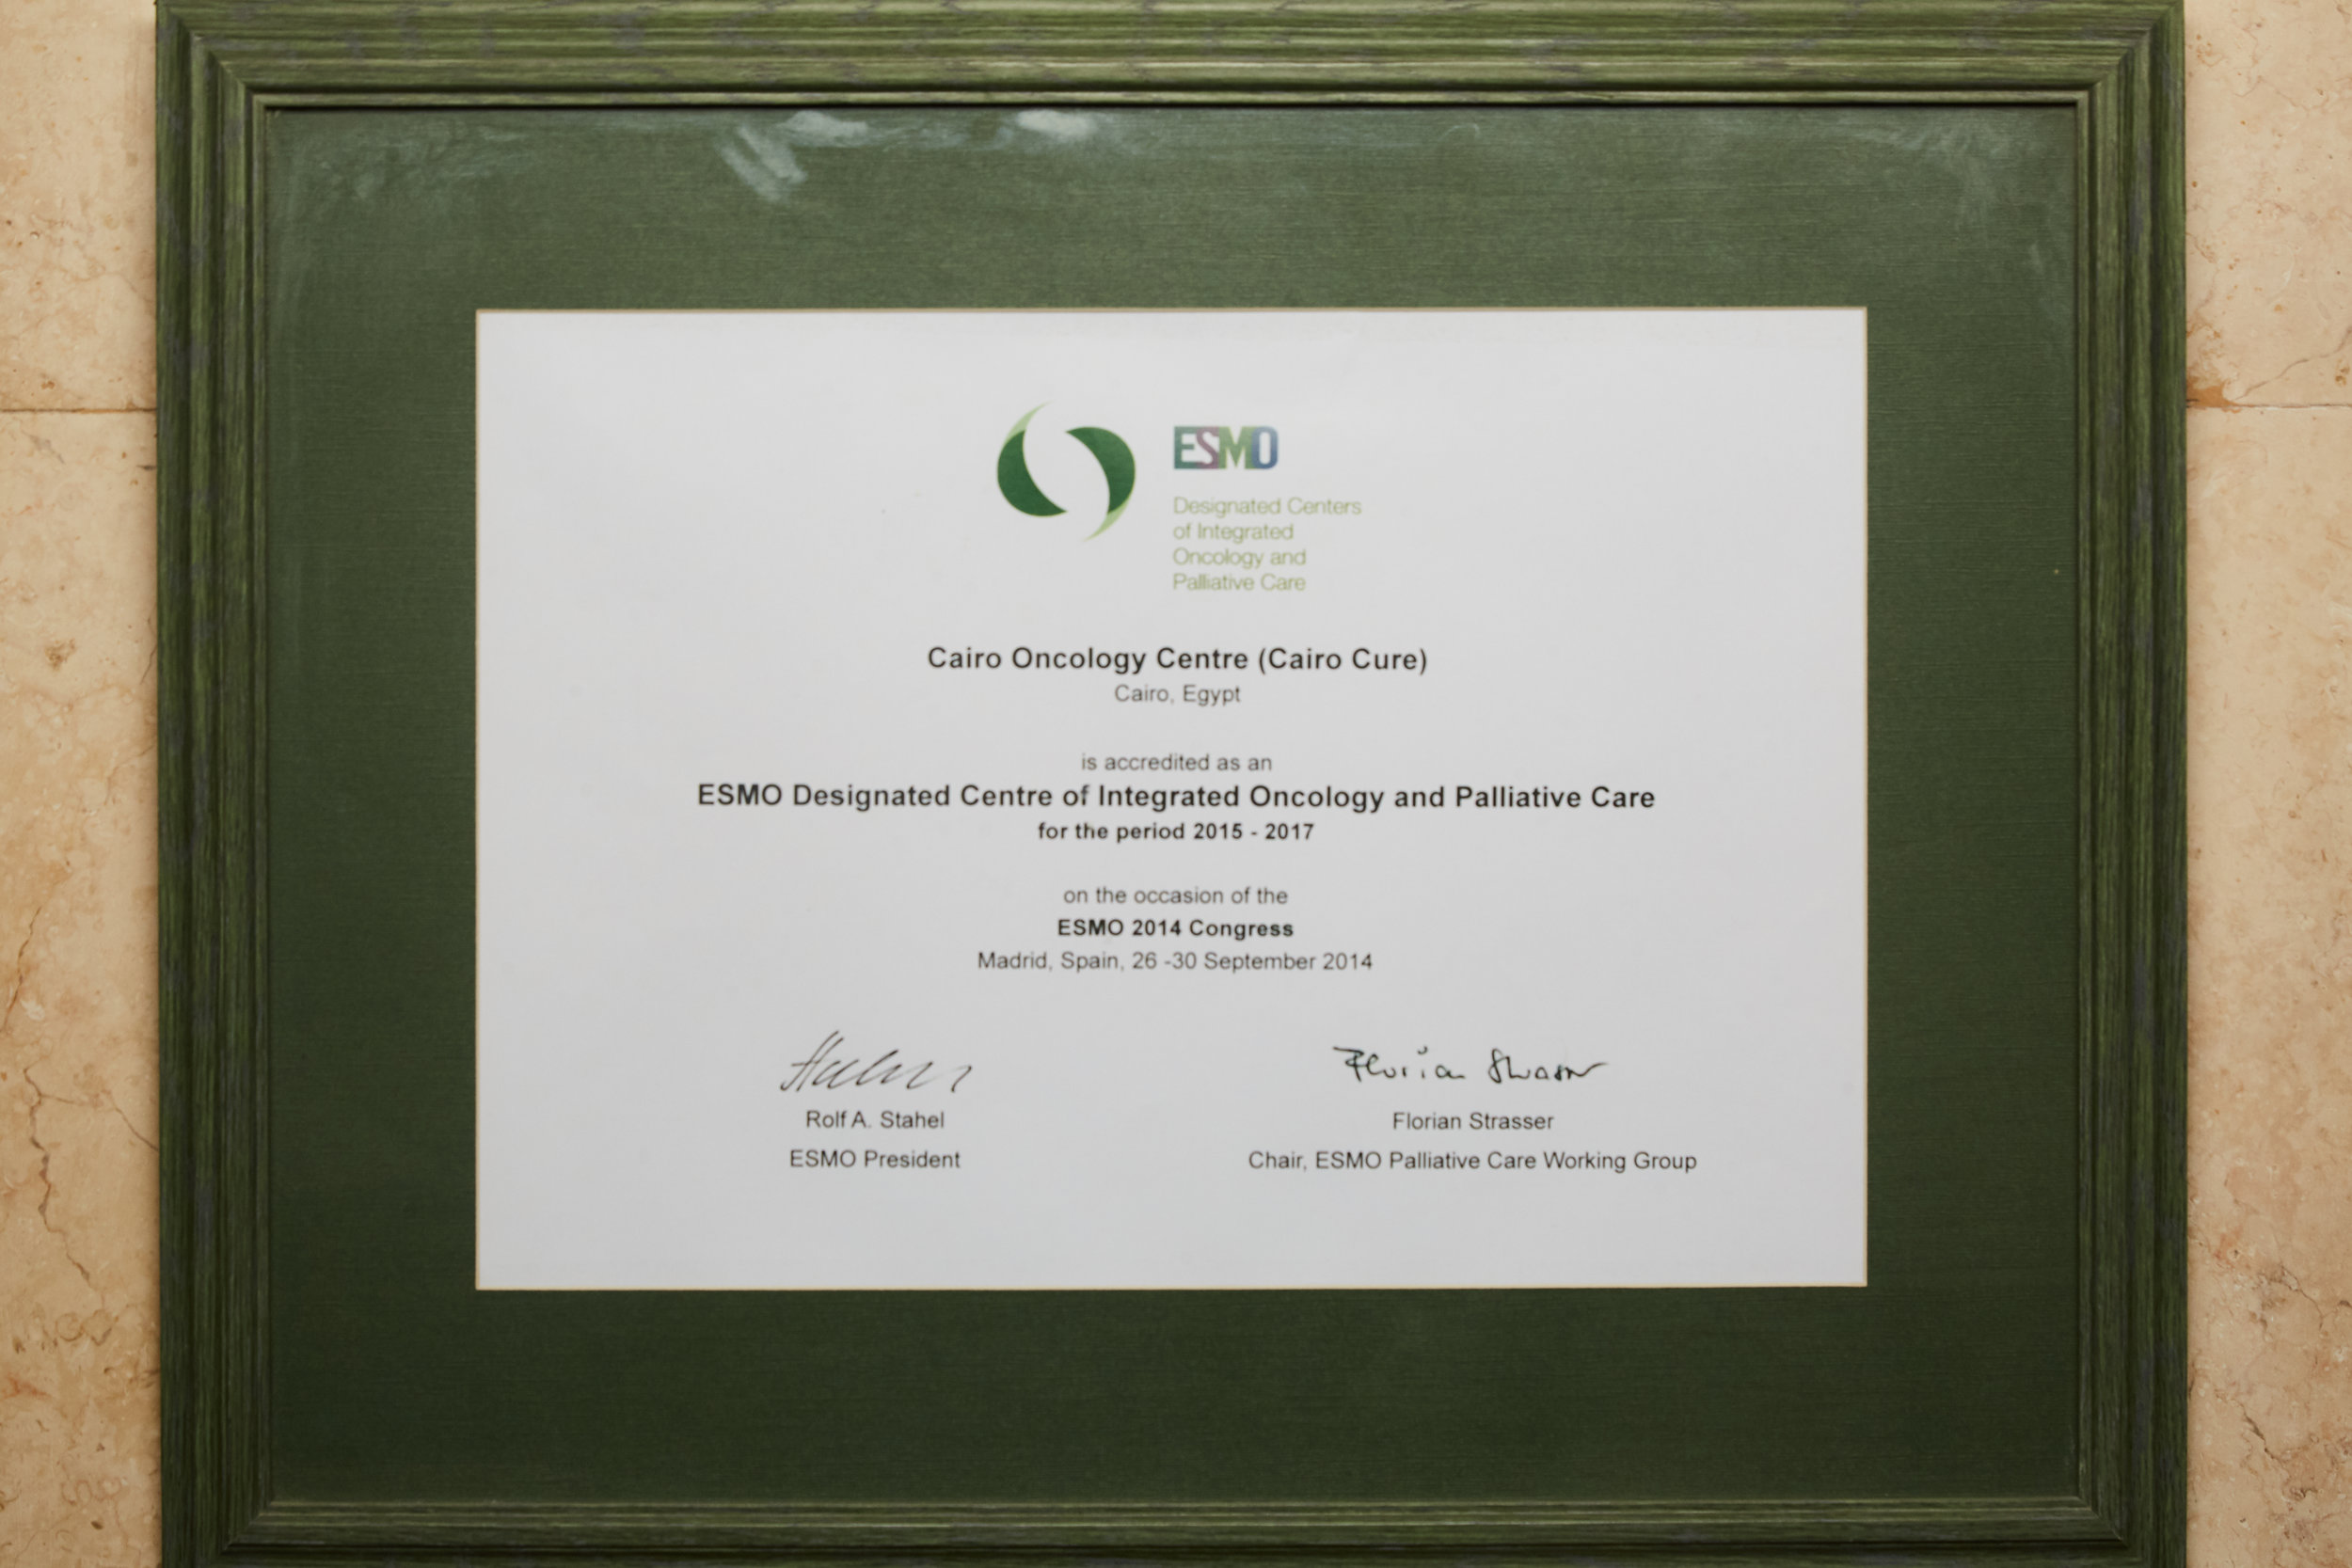 ESMO Accrediation Certificate